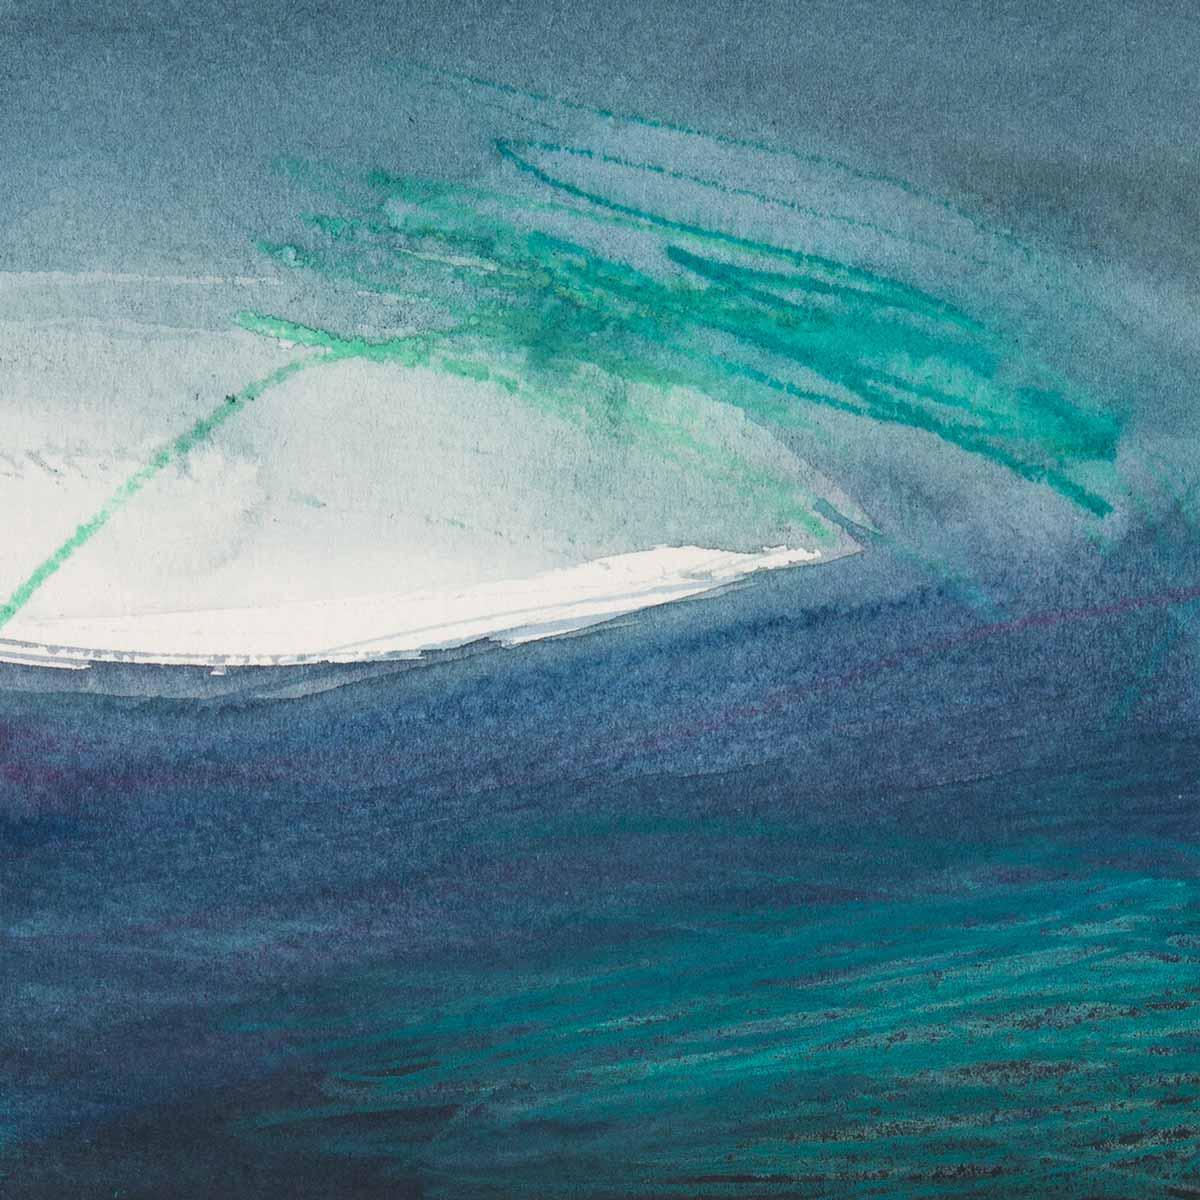 10 x 10 cm, aquarelle et crayons sur papier, 4 nov 14